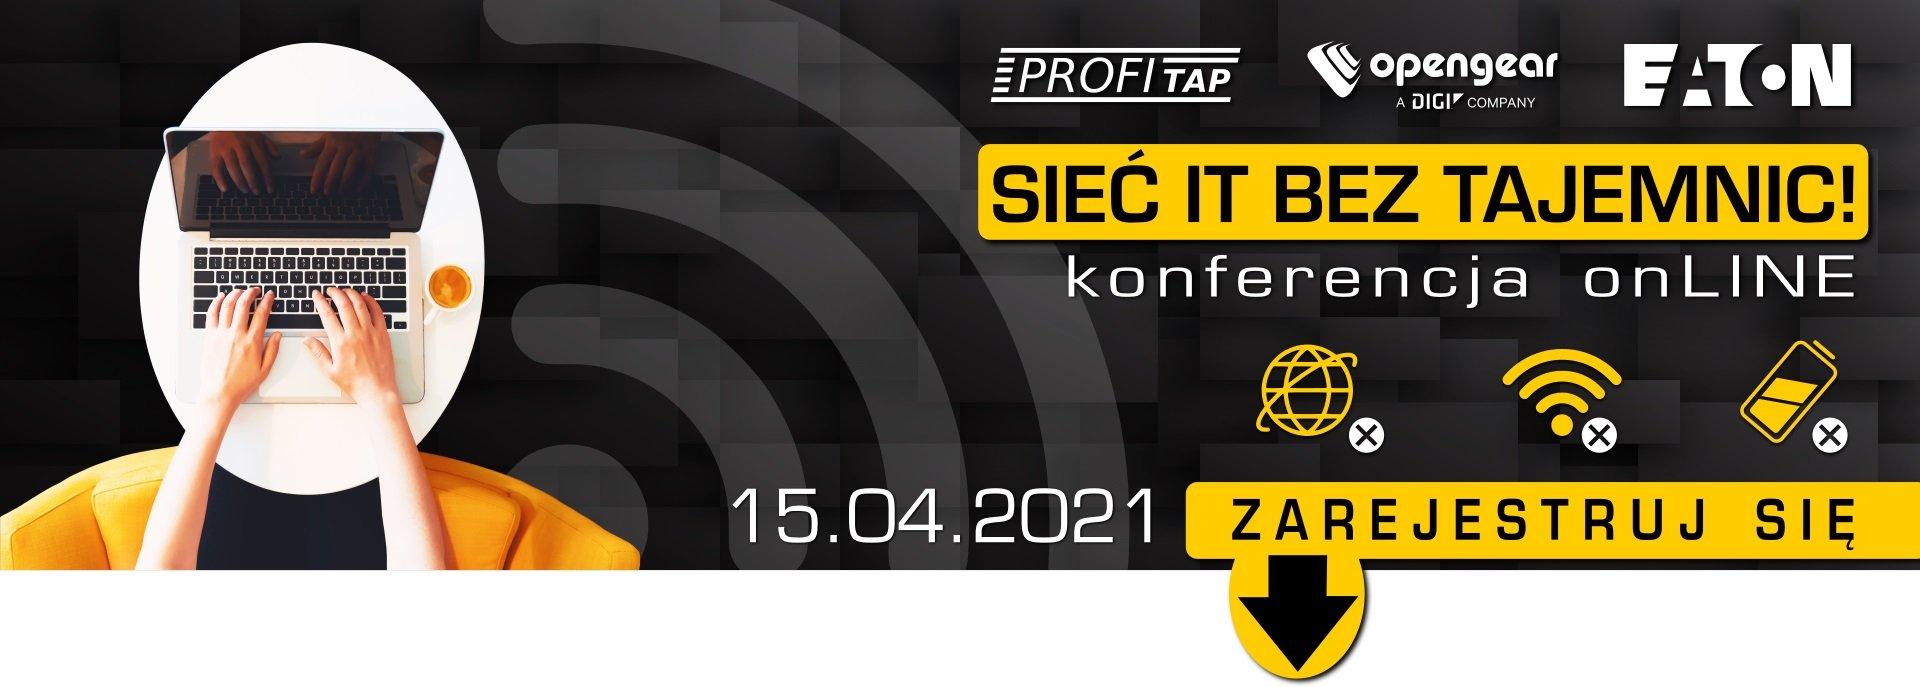 Siec IT bez tajemnic - konferencja online 15.04.2021 HEADER POL